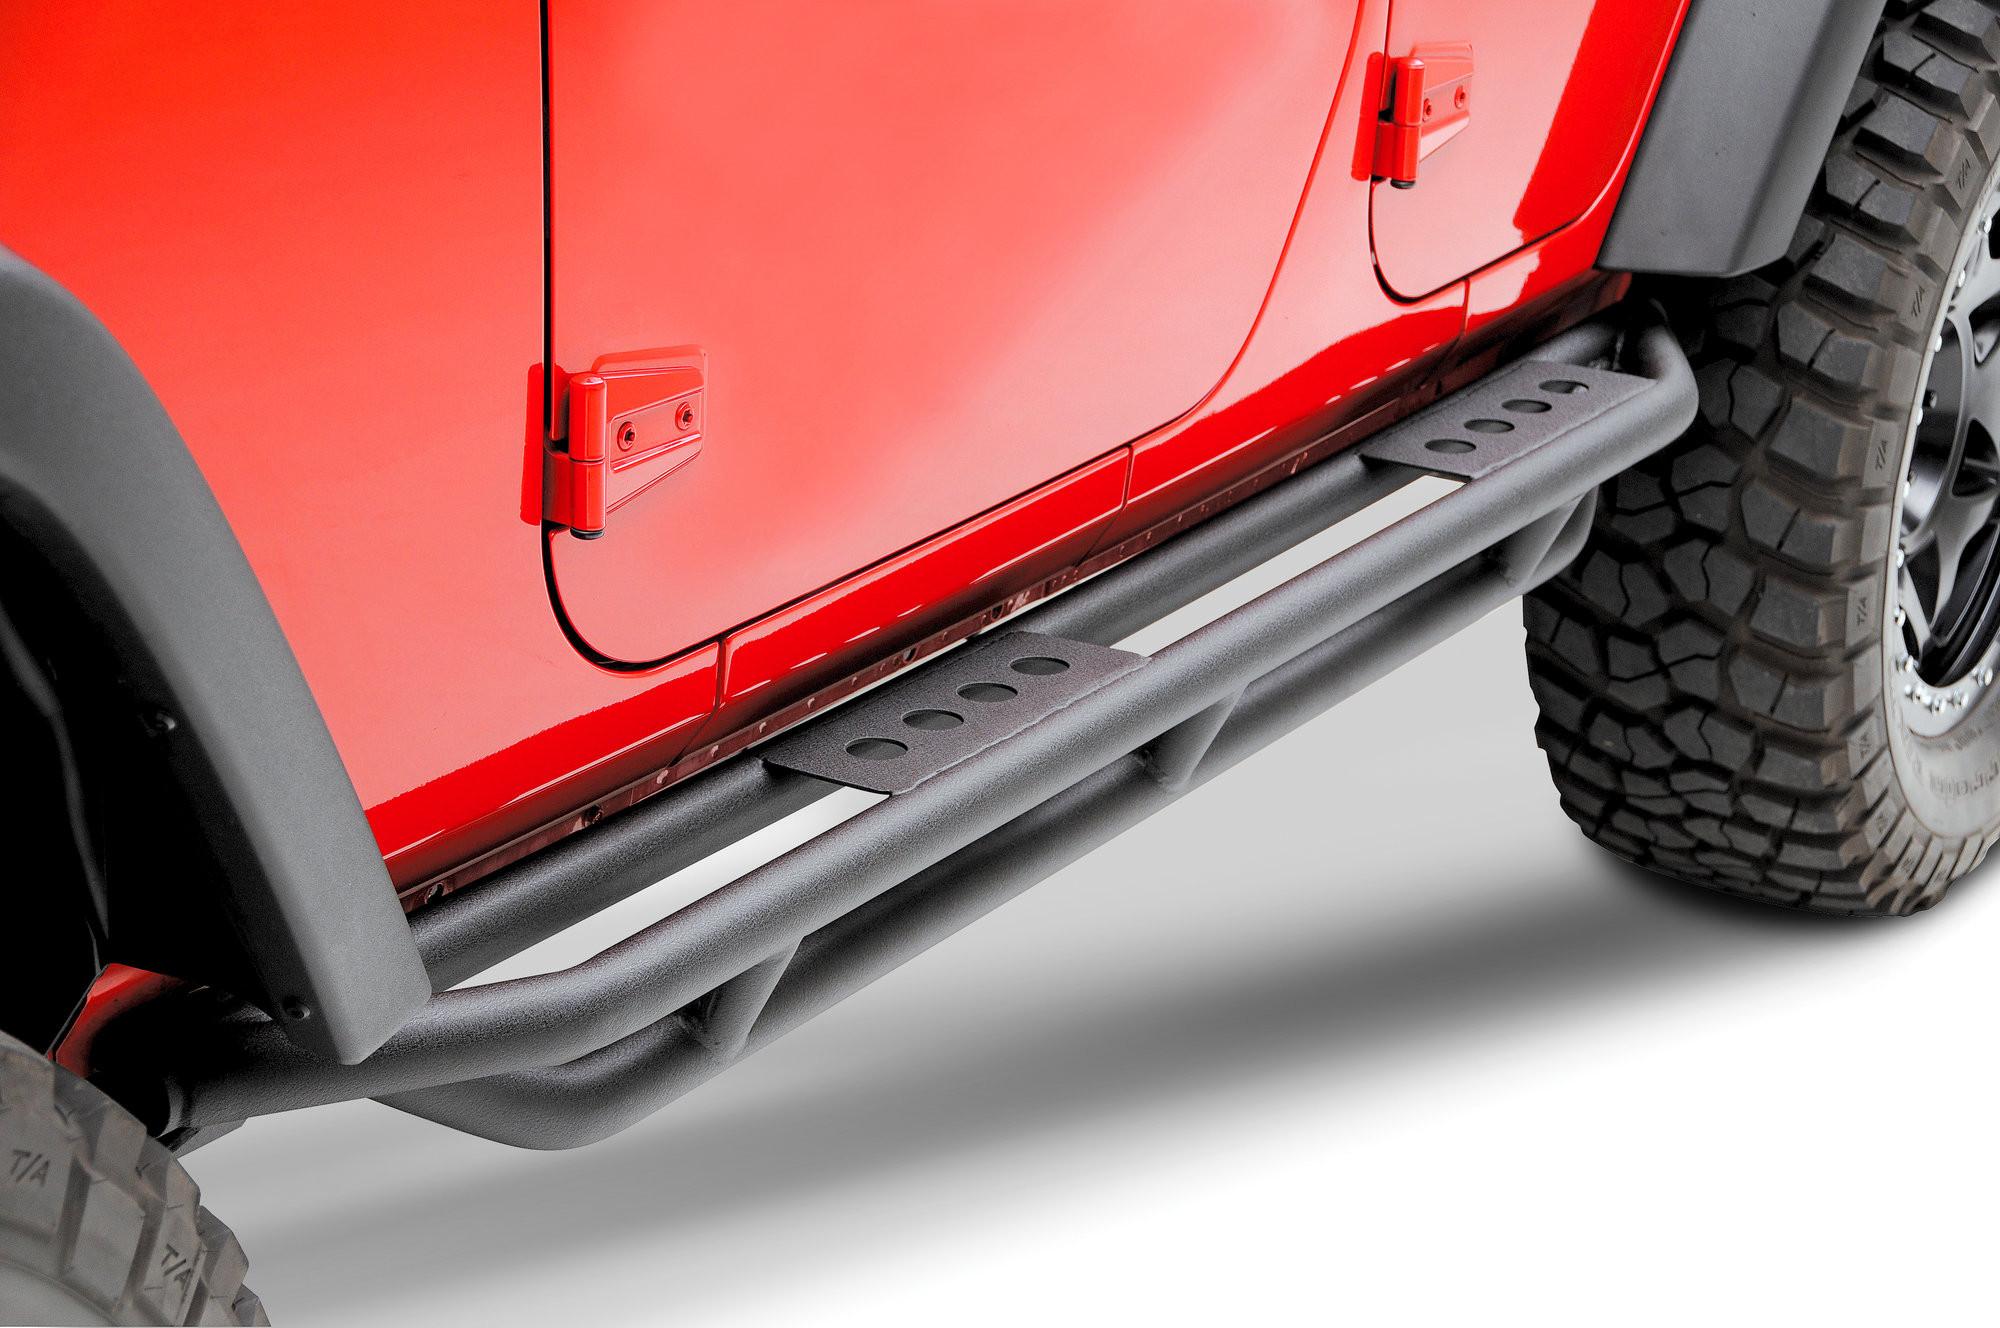 SmittyBilt (Textured Black) Smittybilt SRC Side Armor Steps For 2007-18 Jeep Wrangler JK Unlimited 4 Door Models